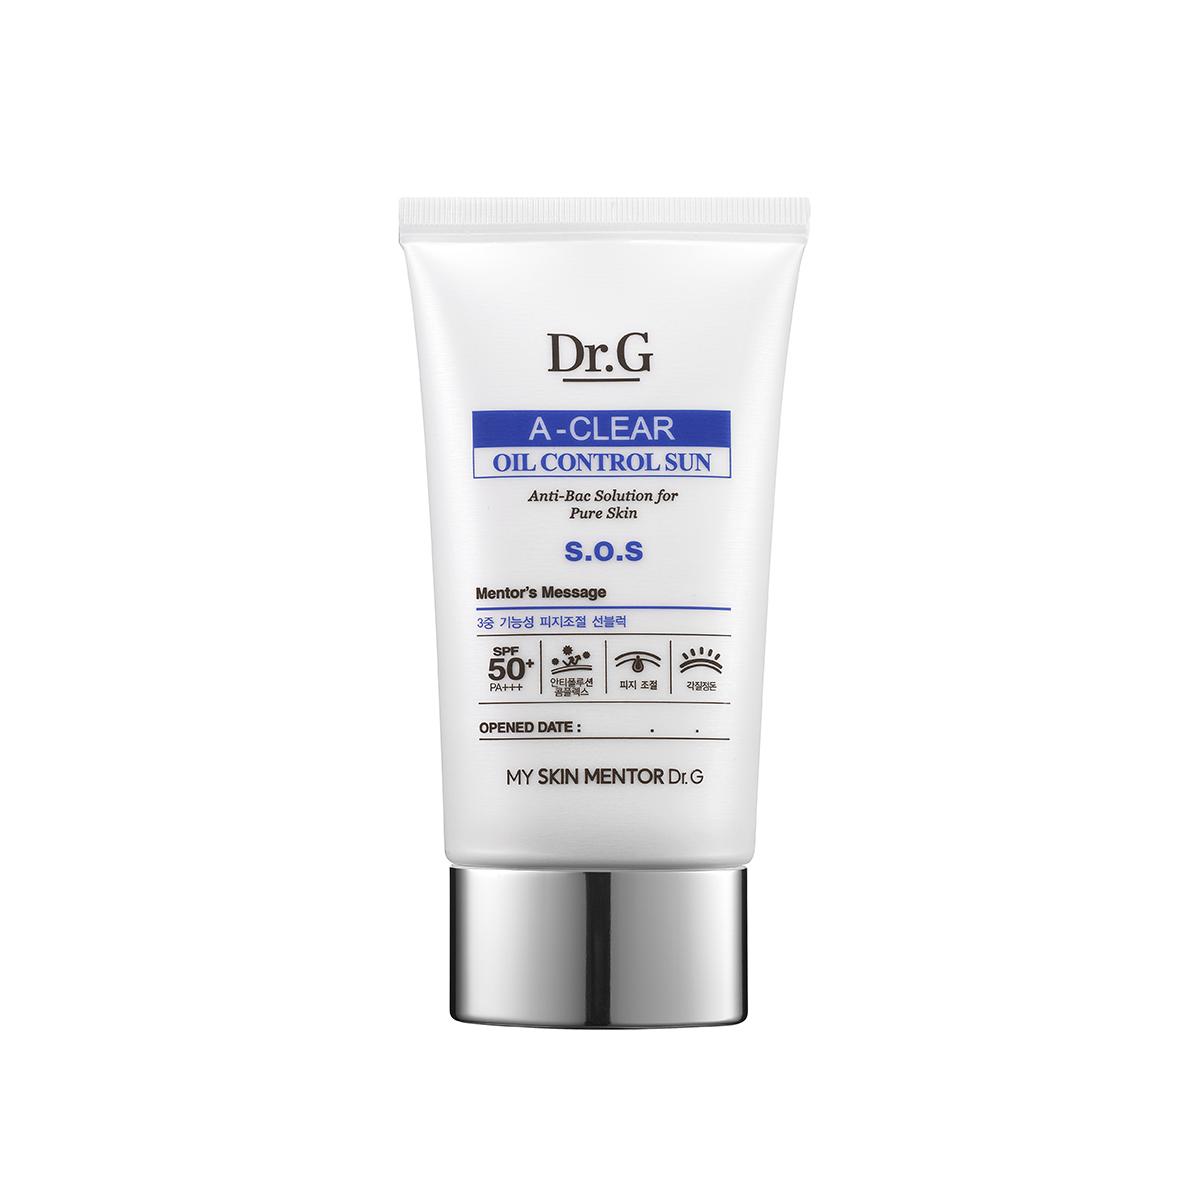 Dr. G Крем солнцезащитный с регенерирующими свойствами для проблемной кожи SPF 50+ PA+++ A-Clear, 50 мл (Dr.G)